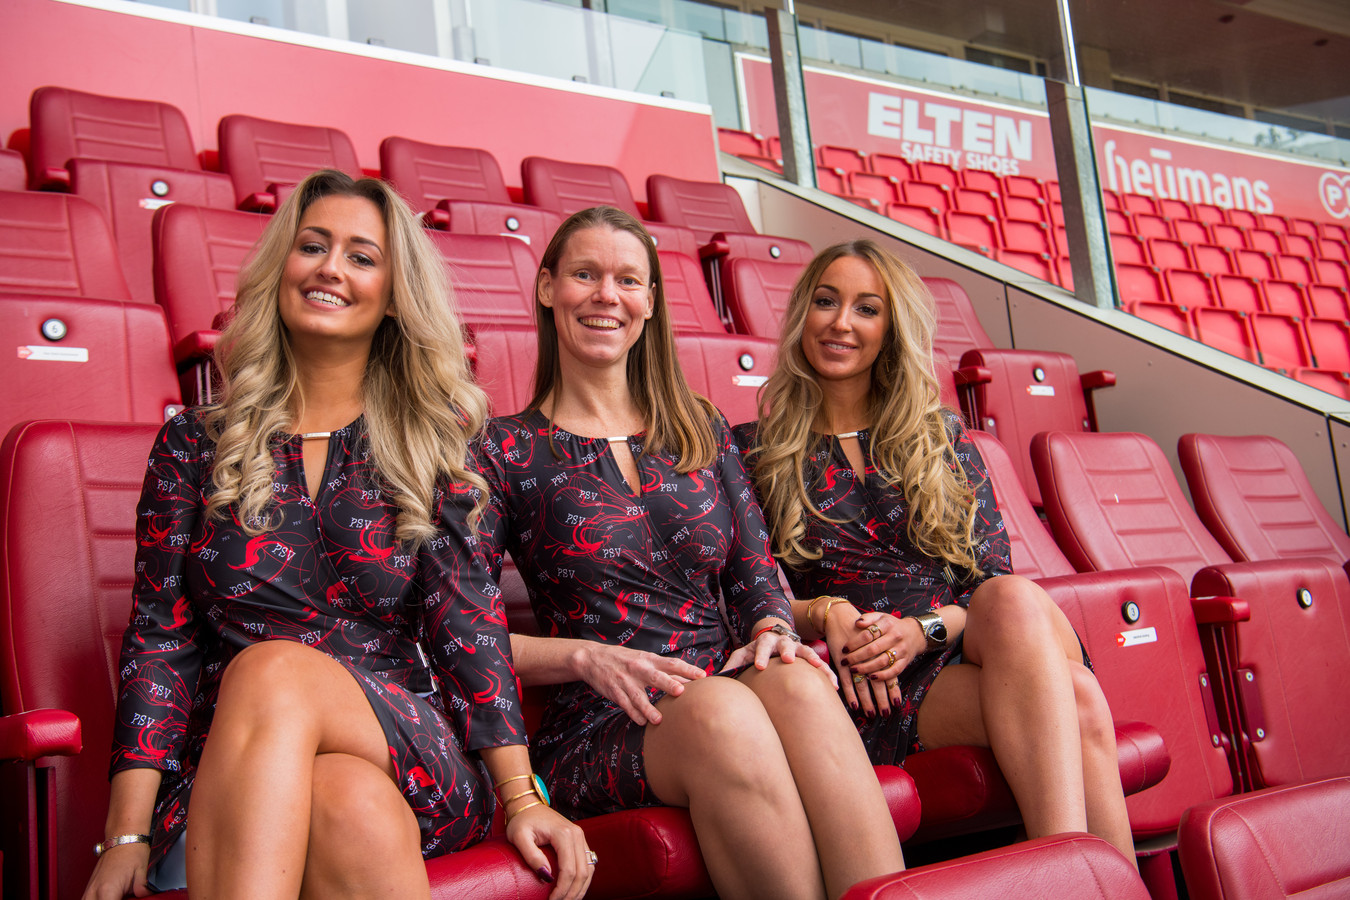 Nicole van den Broek heeft een speciale PSV Jurk ontworpen. Voor het eerst een echt vrouwelijke supportersoutfit.